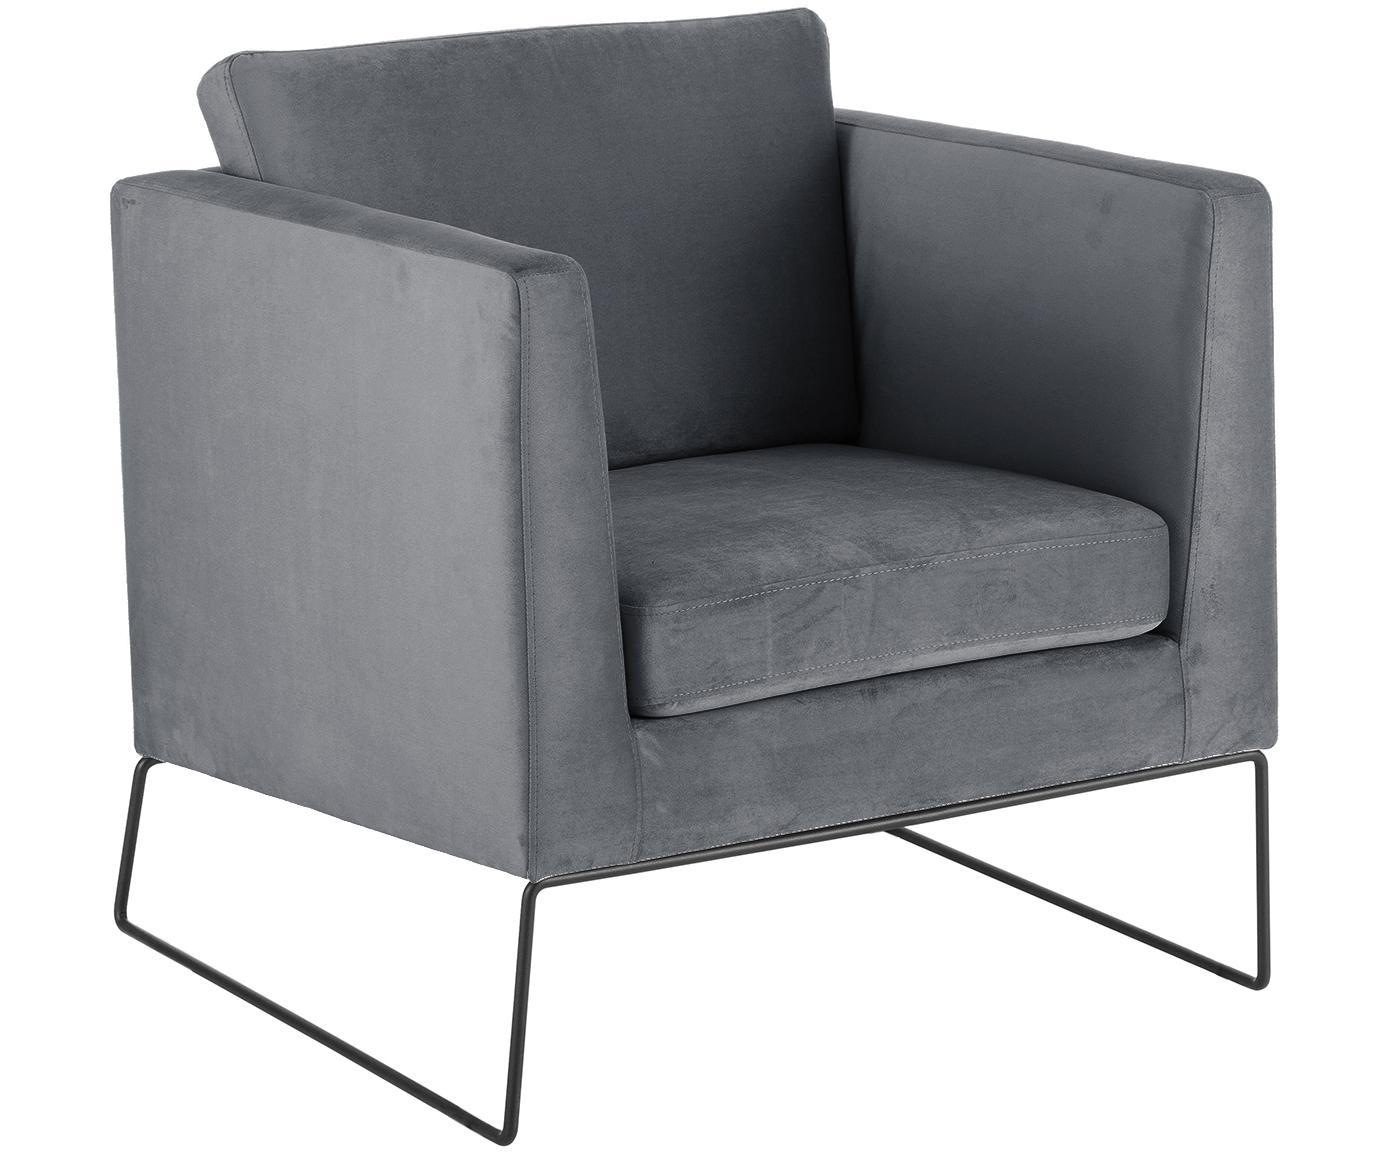 Fotel z aksamitu Milo, Tapicerka: aksamit (wysokiej jakości, Stelaż: drewno sosnowe, Tapicerka: wyściółka z pianki, gęsto, Nogi: metal lakierowany, Aksamitny szary, S 77 x W 75 cm